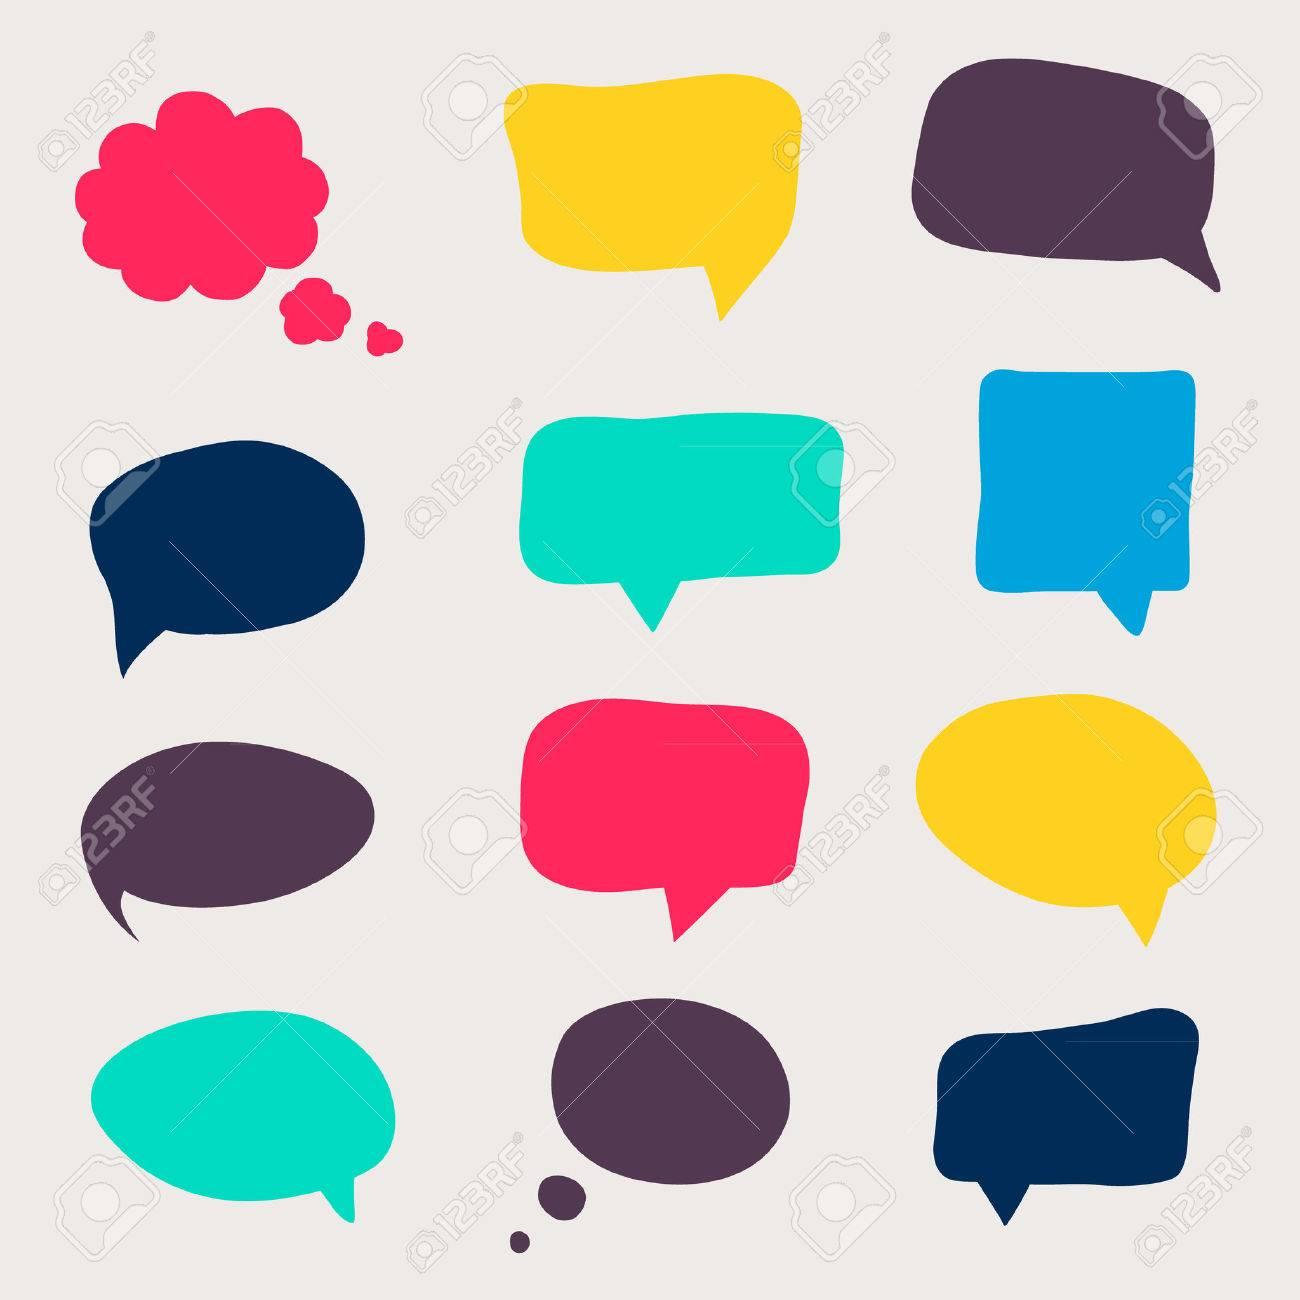 Colorful questions speech bubbles. - 36766319